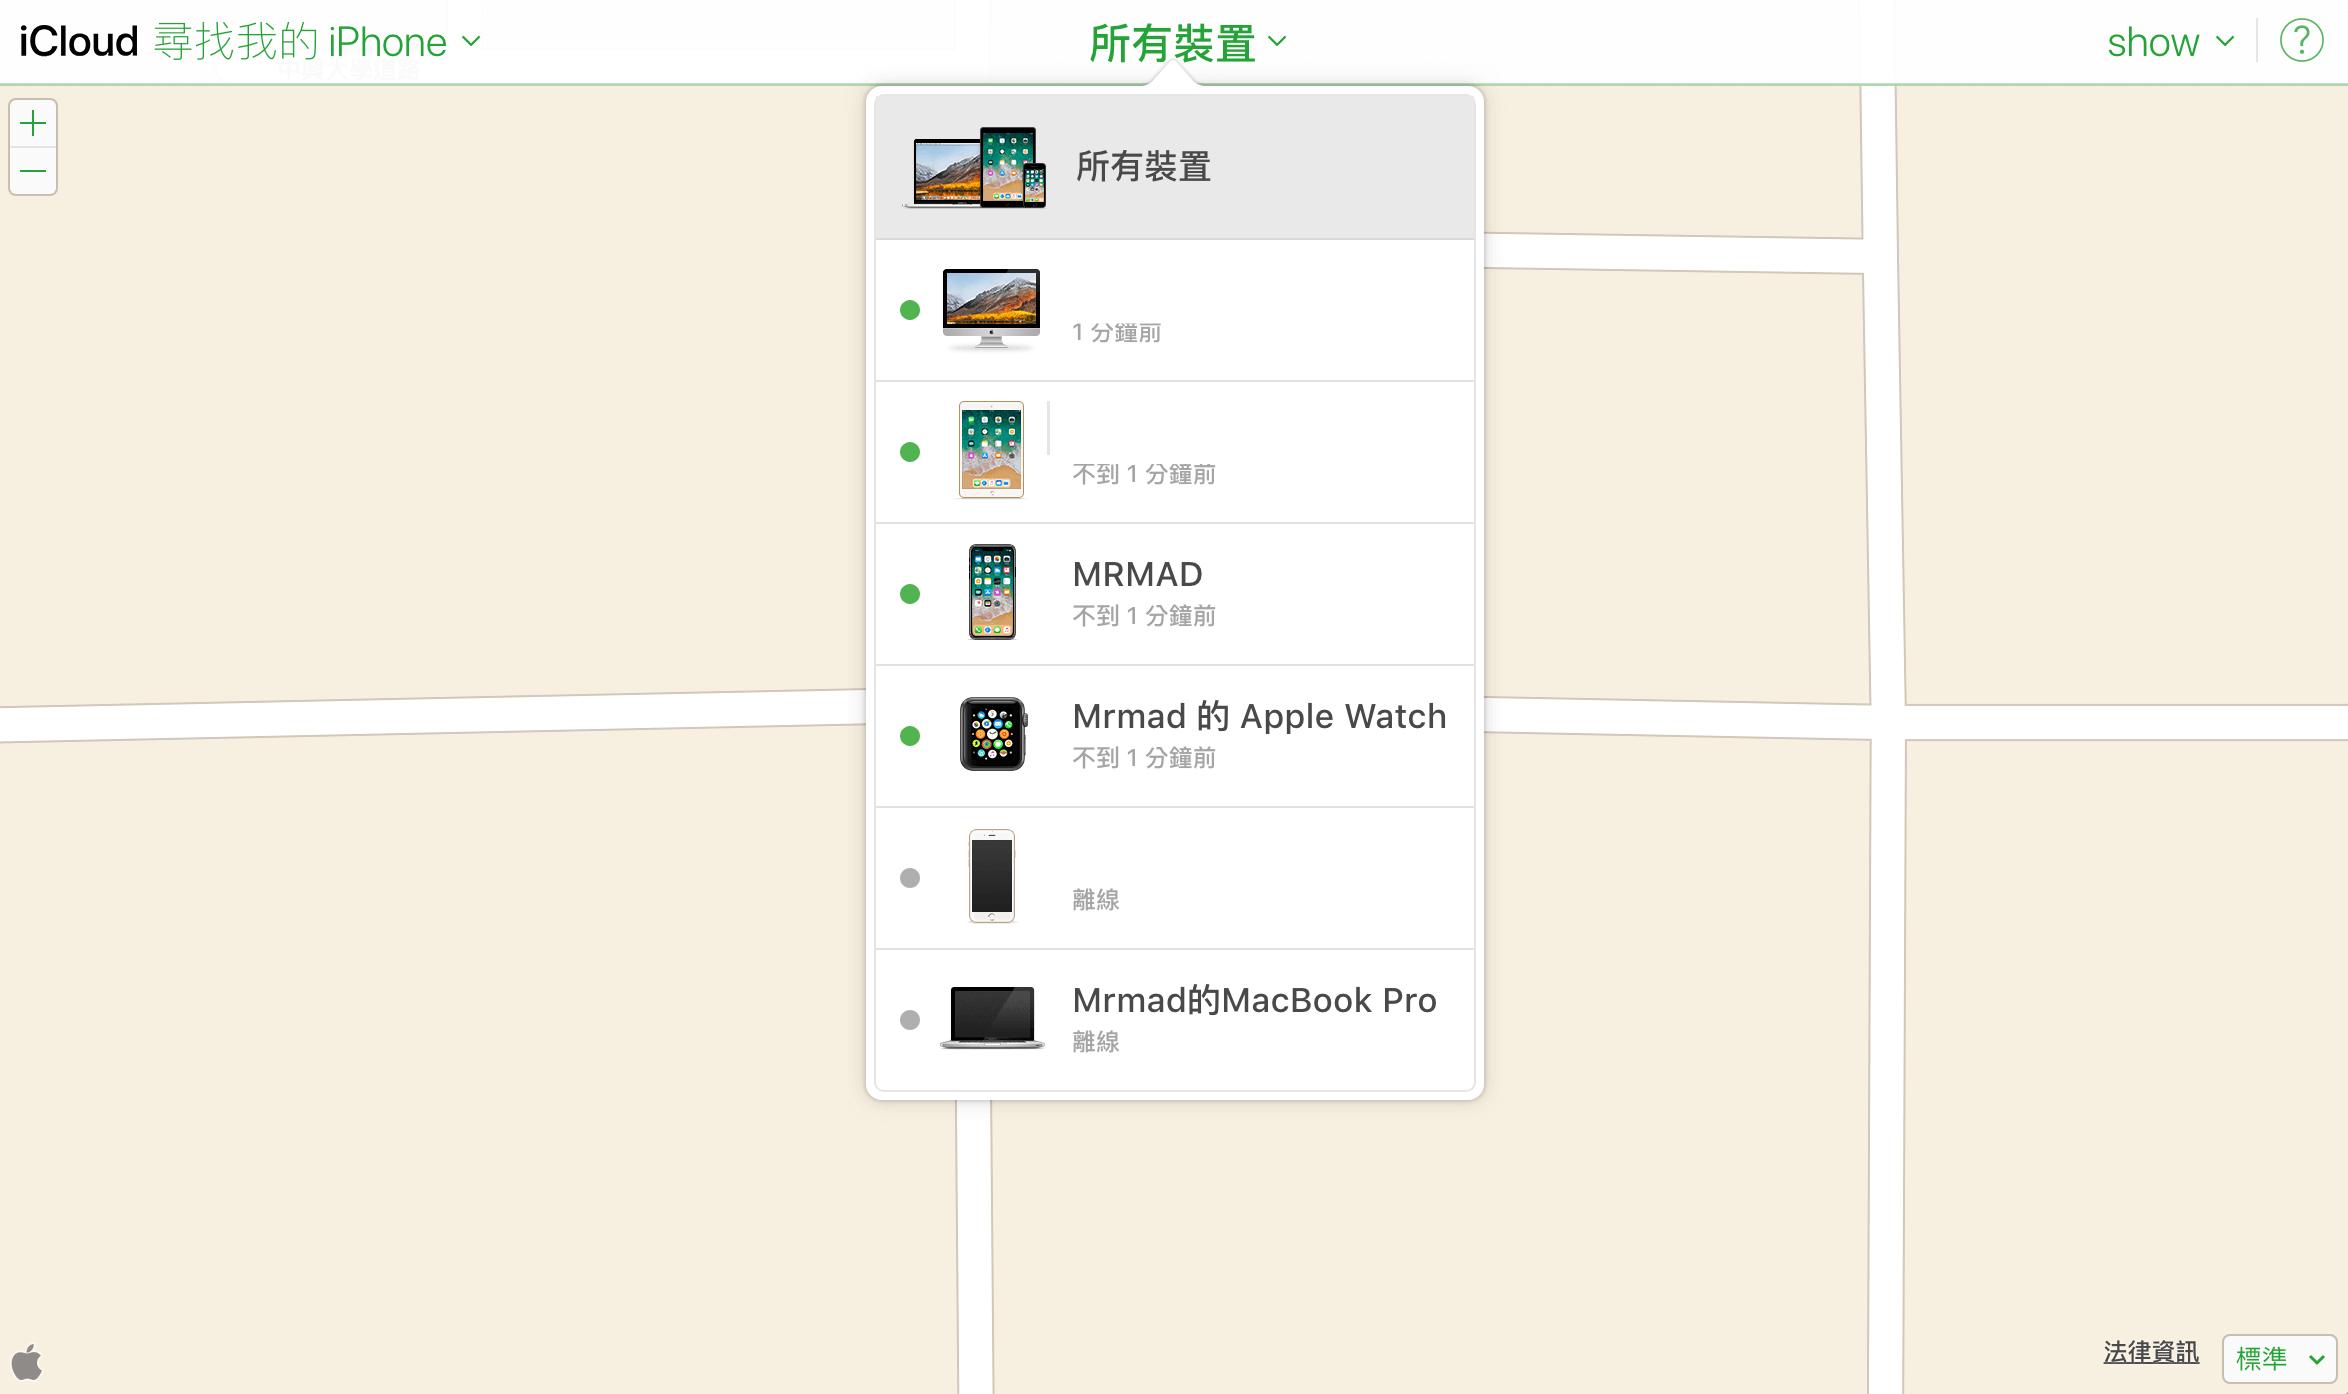 [攻略教學]尋找我的iPhone需要打開嗎?教你設定與搜尋失竊iPhone